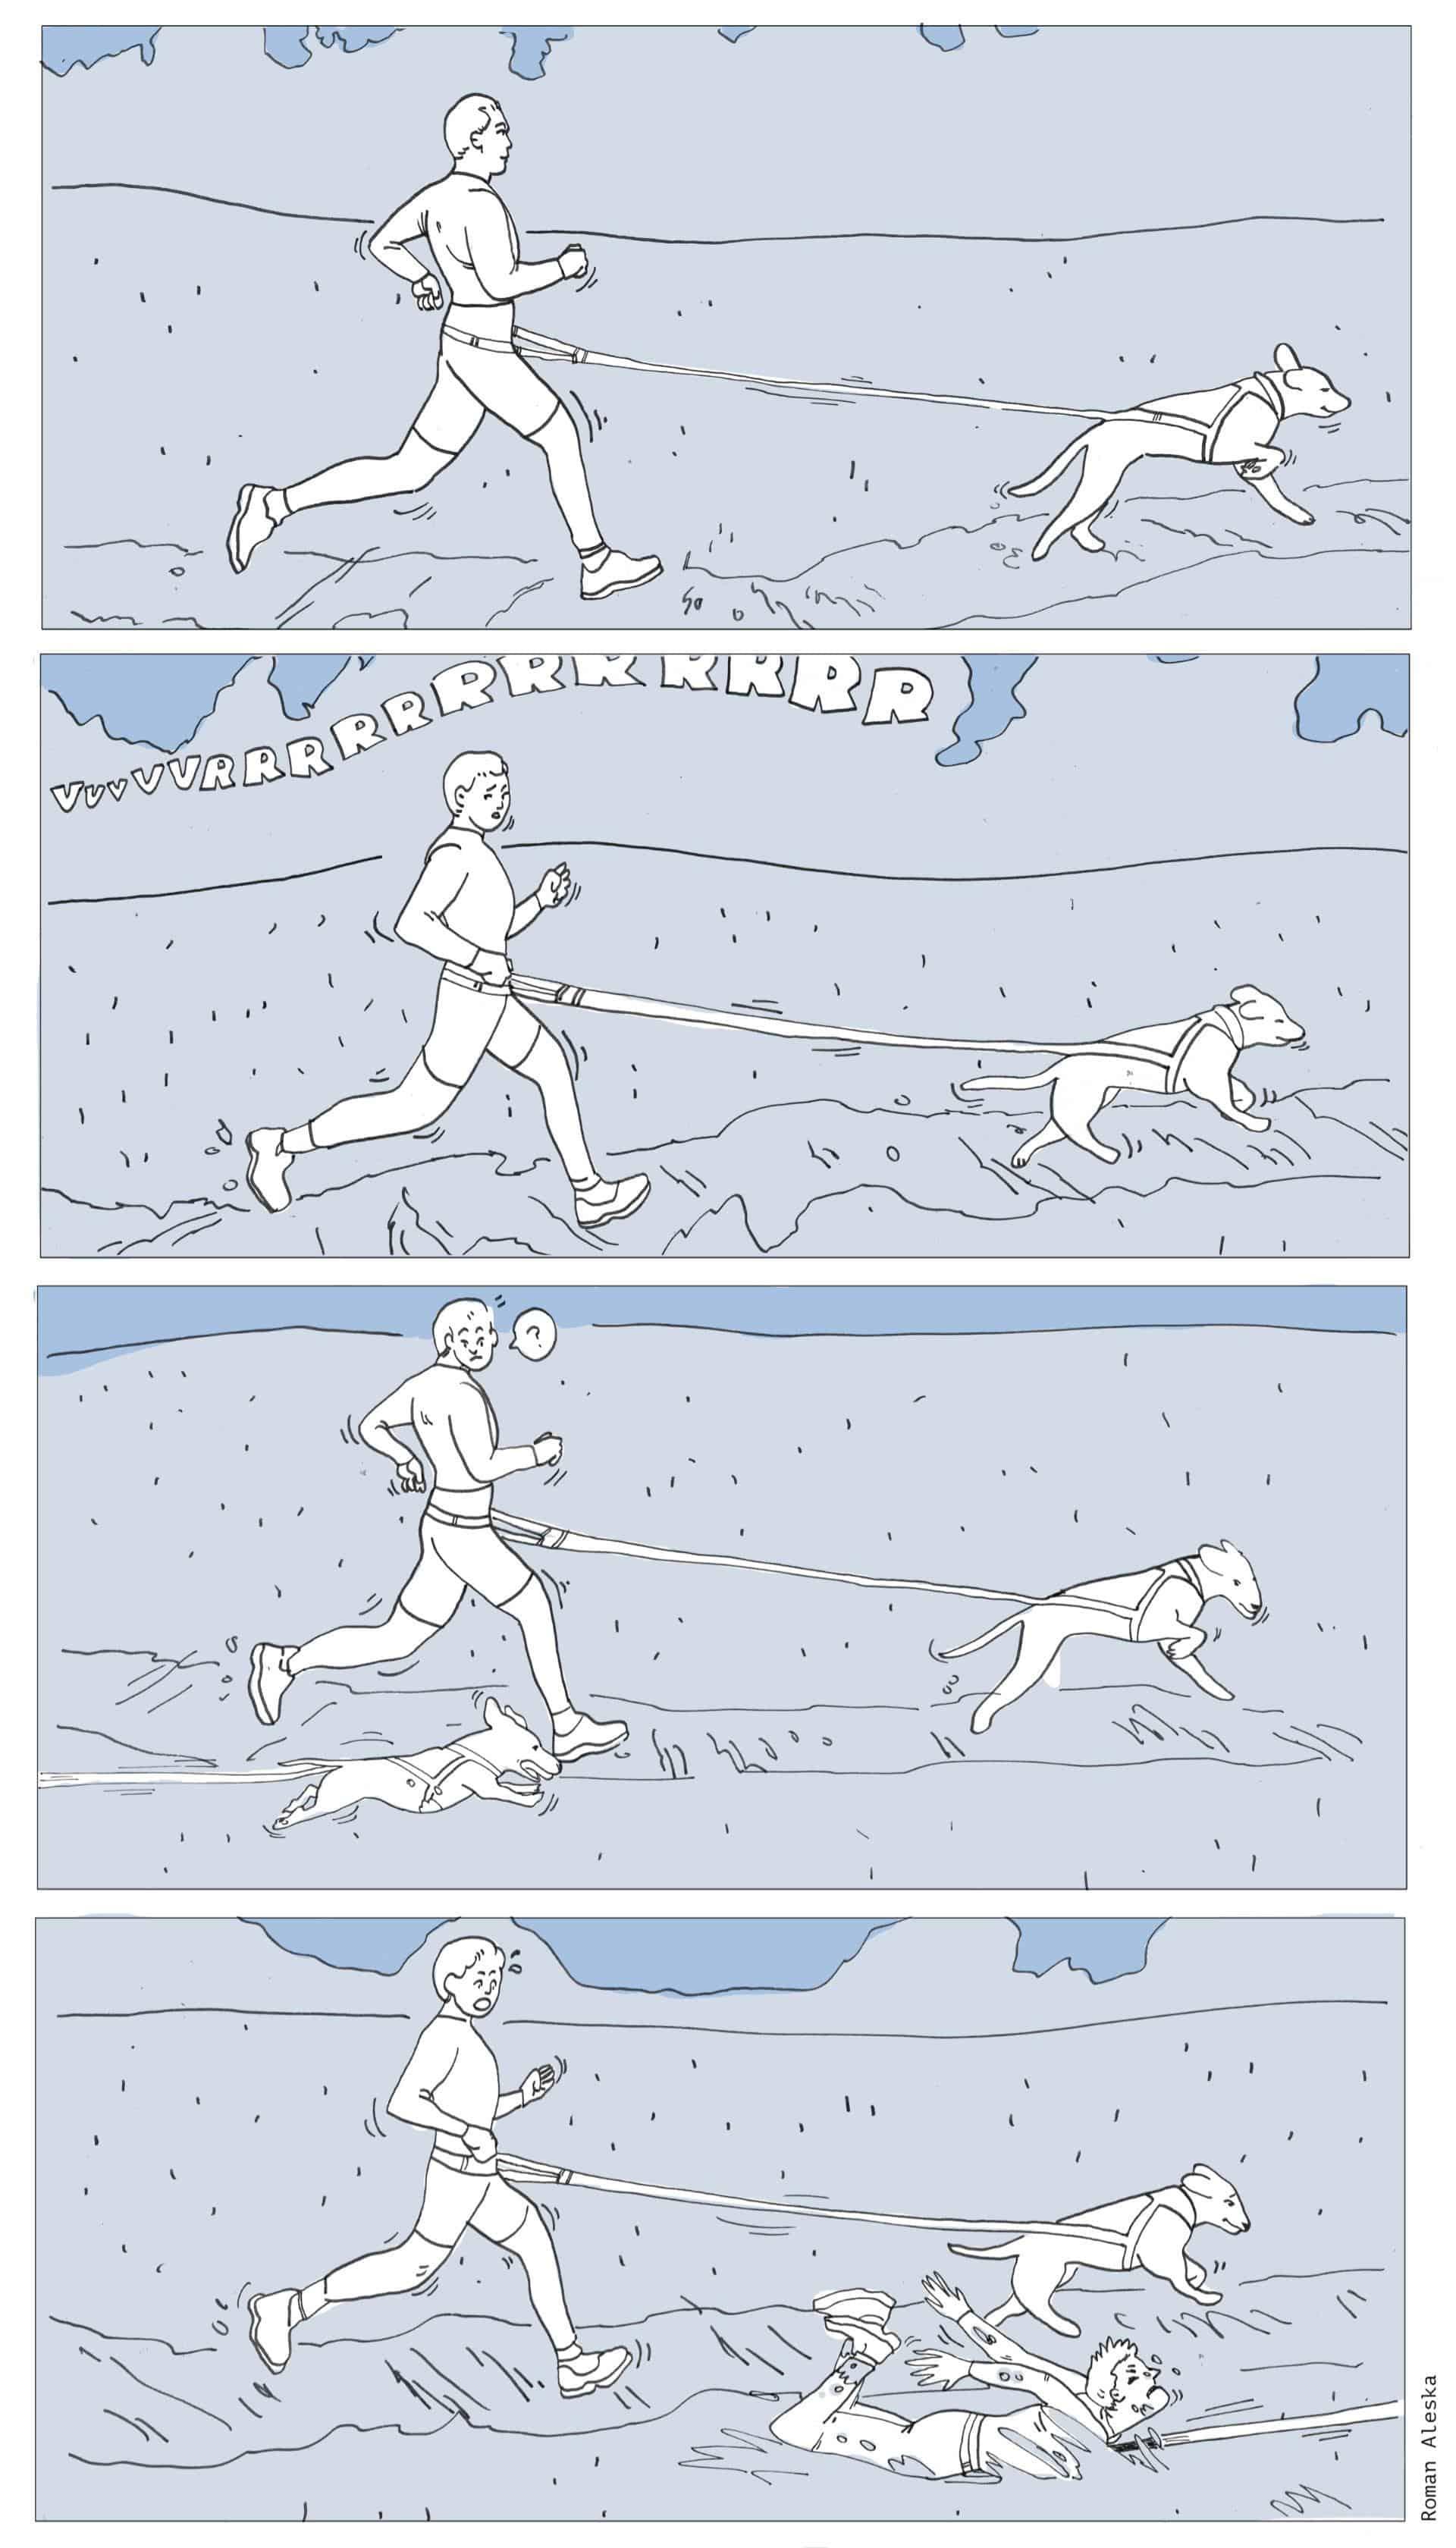 Le canicross avec son chien peut être extrême !